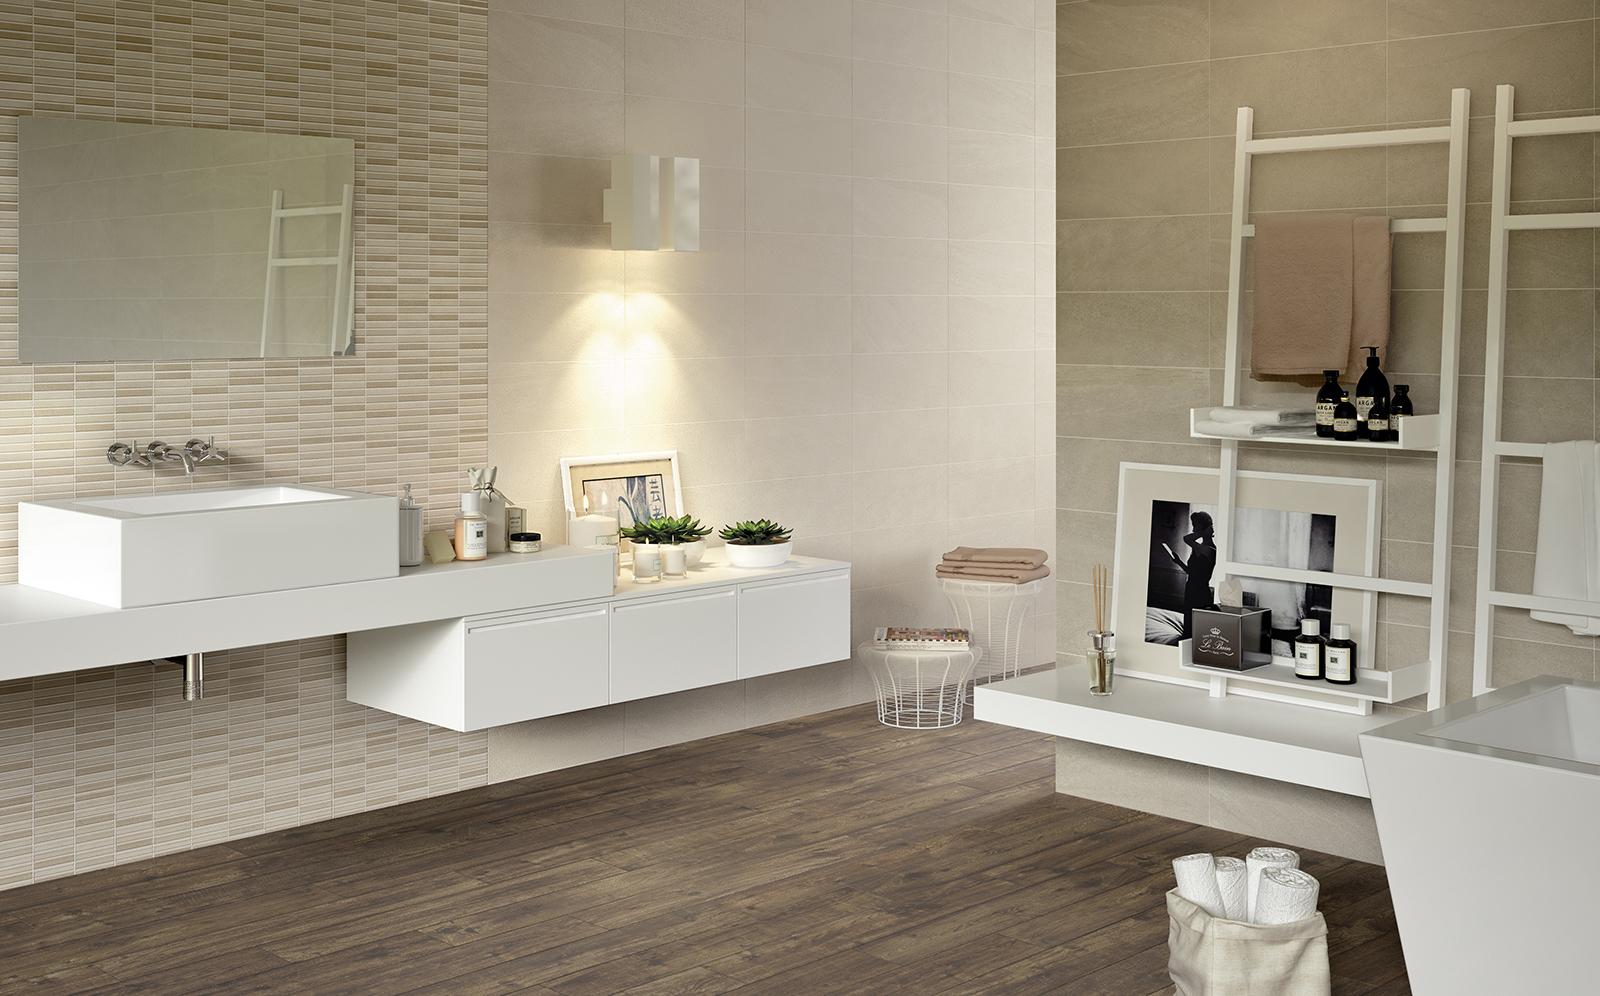 Interiors rivestimento bagno e cucina marazzi - Piastrelle cucina prezzi ...